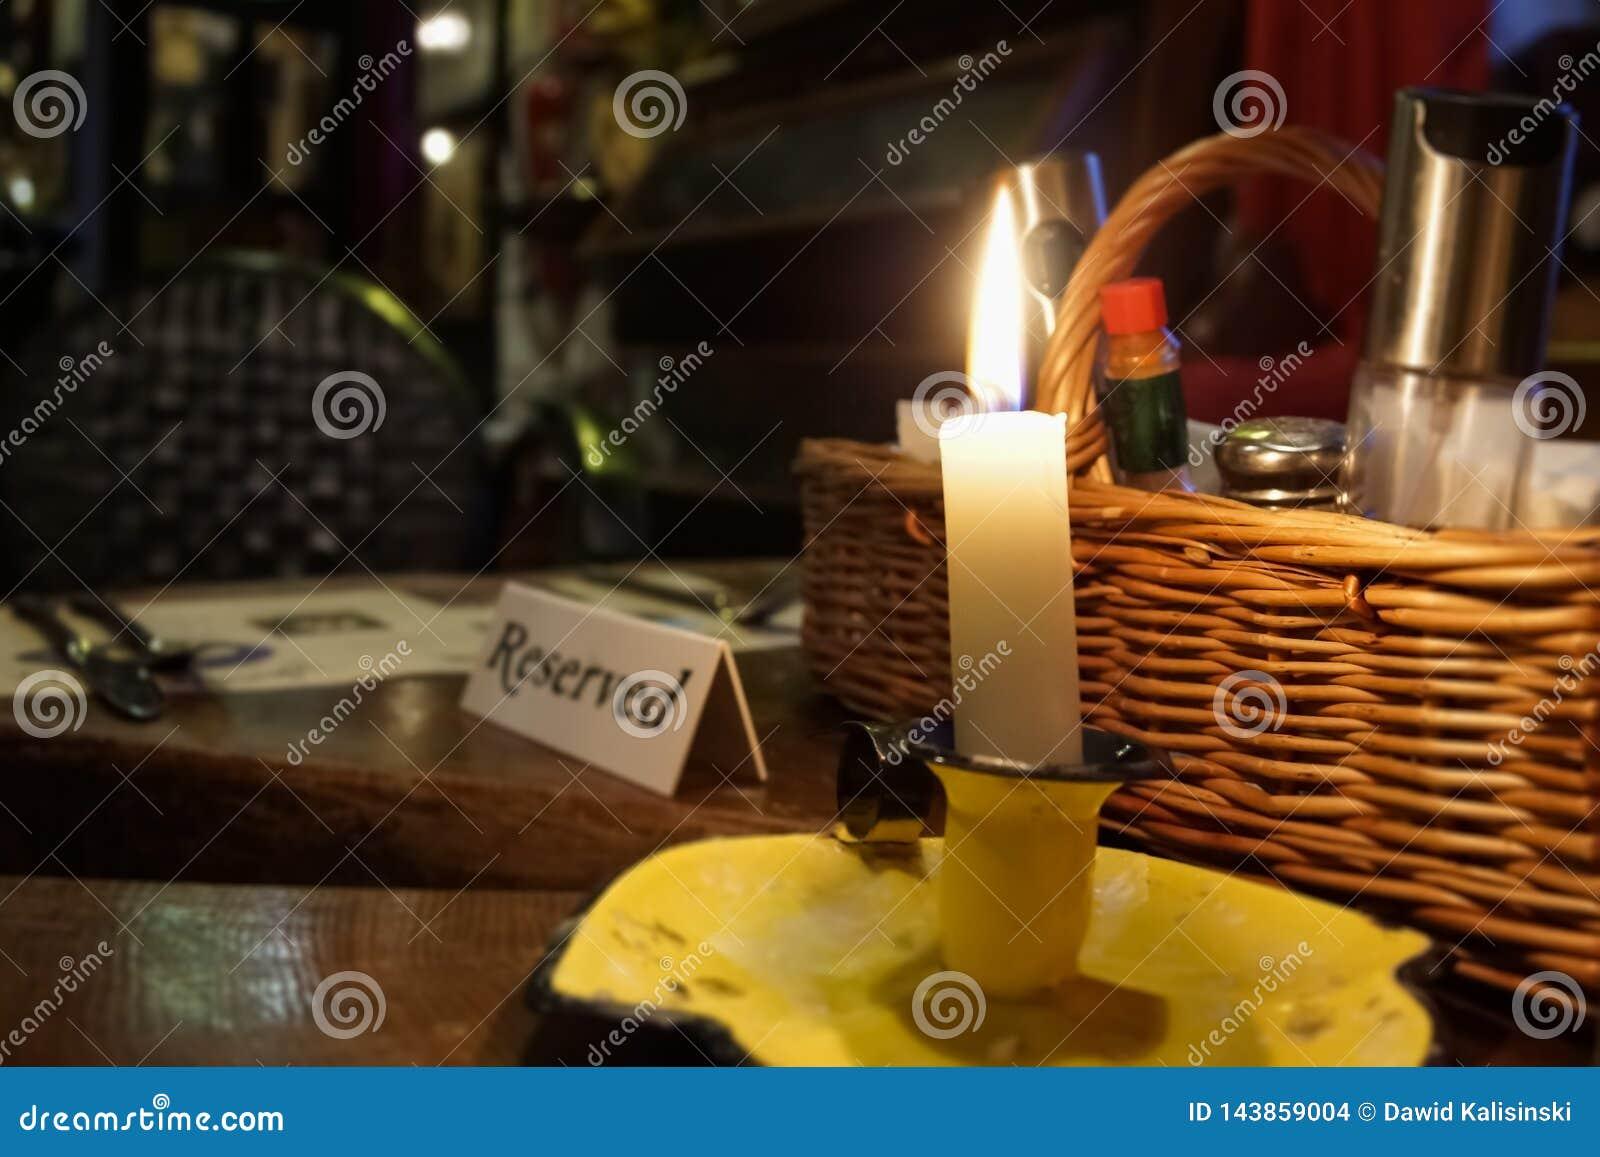 Διατηρημένο εστιατόριο επιτραπέζιο σημάδι με το αναμμένο κερί